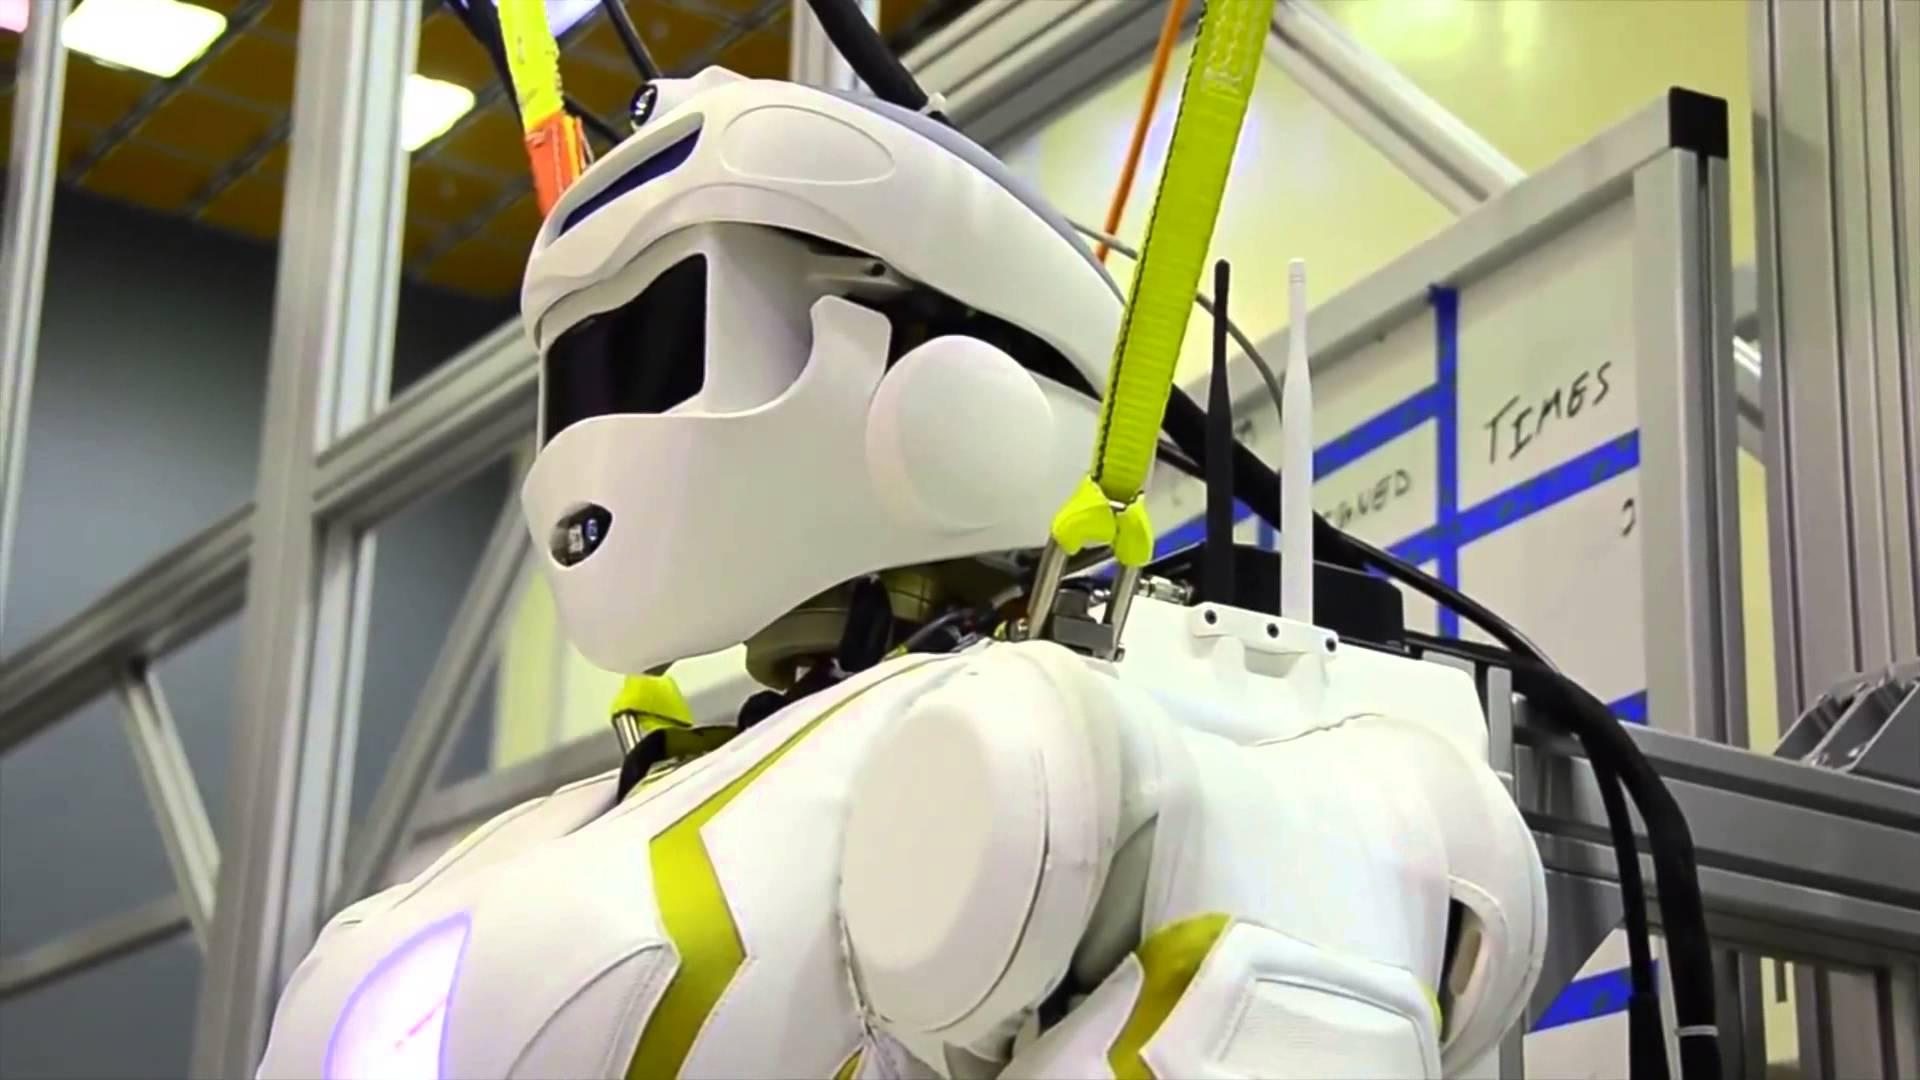 Валькирии роботы марс освоение гуманоидные NASA технологии новости отвратительные мужики